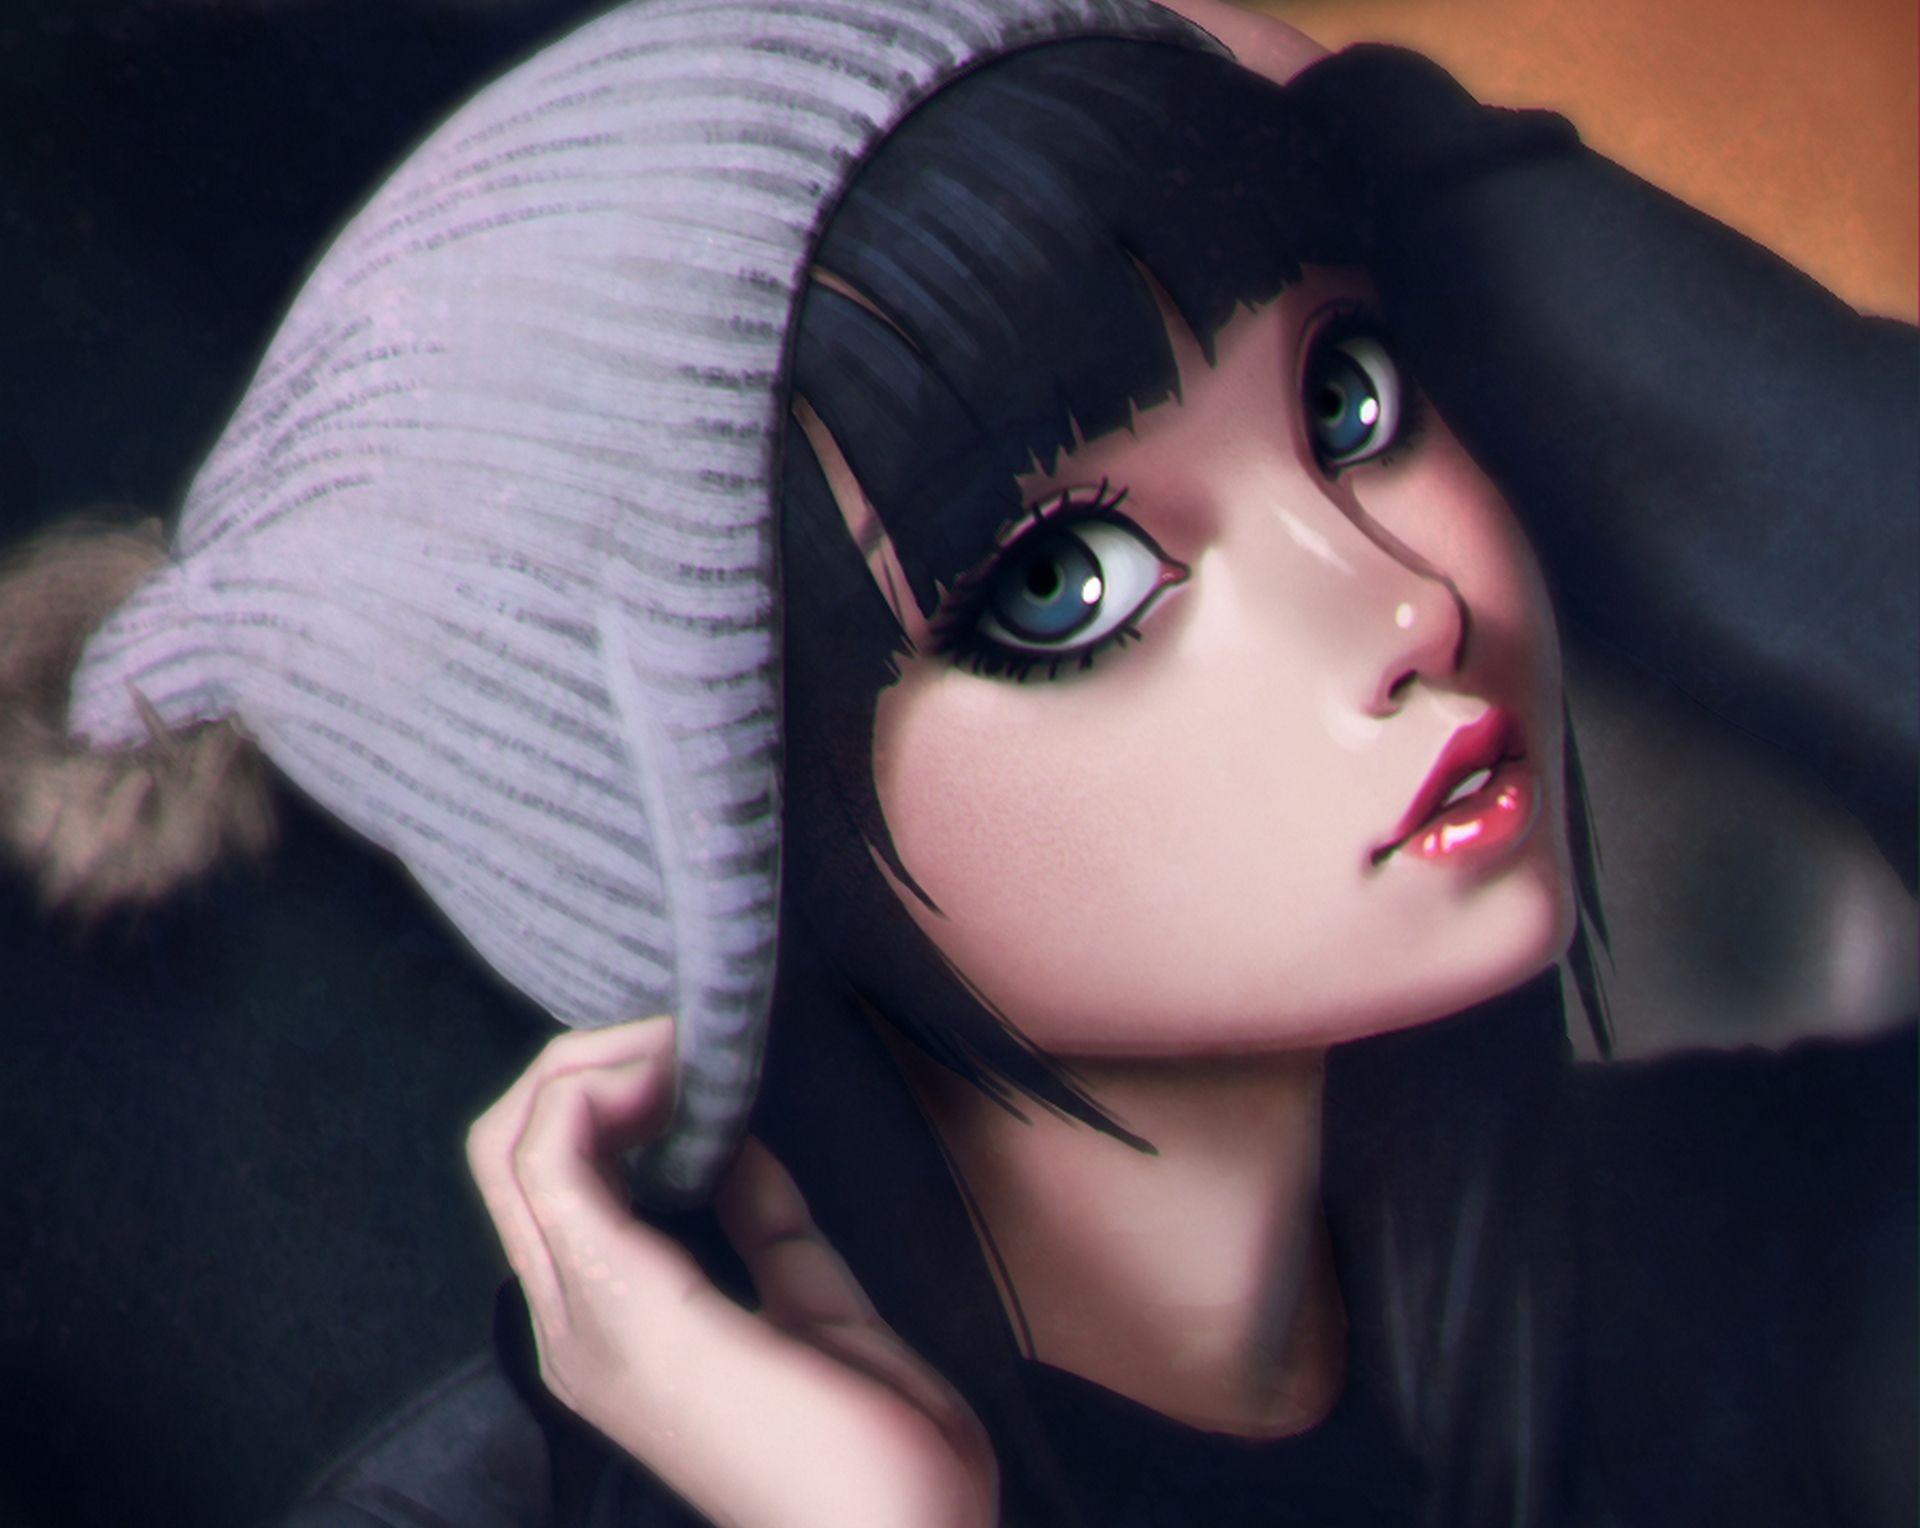 big blue anime eyes | pin view anime brunette girl art hd wallpaper